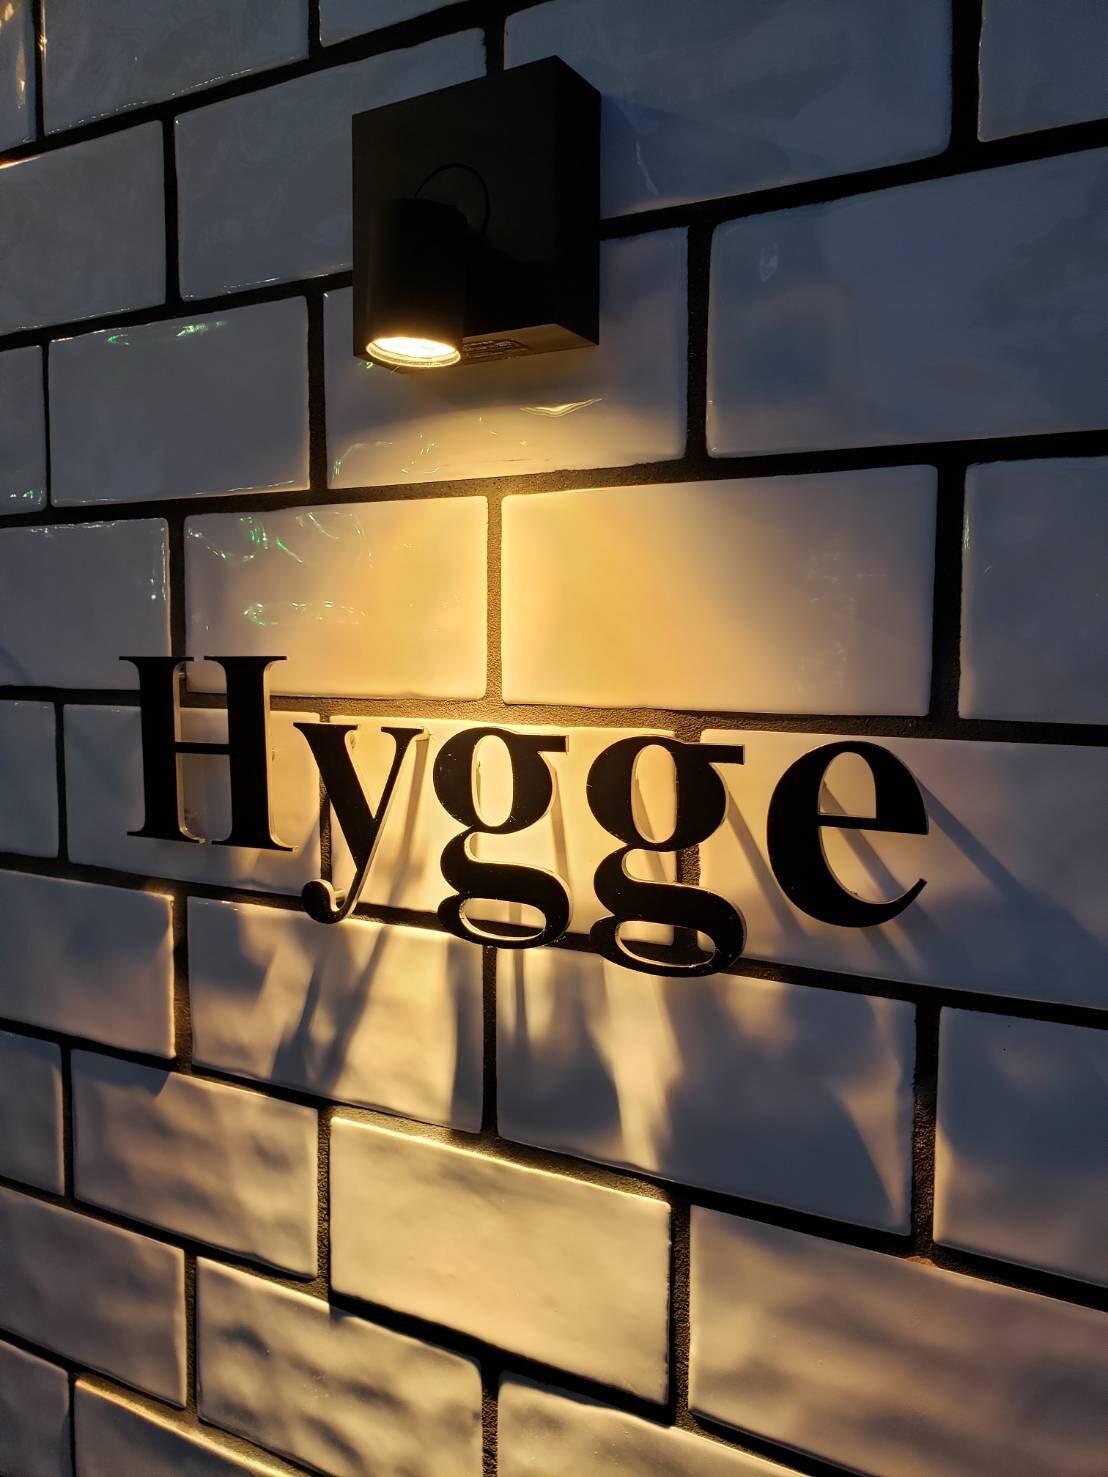 2019 尾道市新浜 Hygge